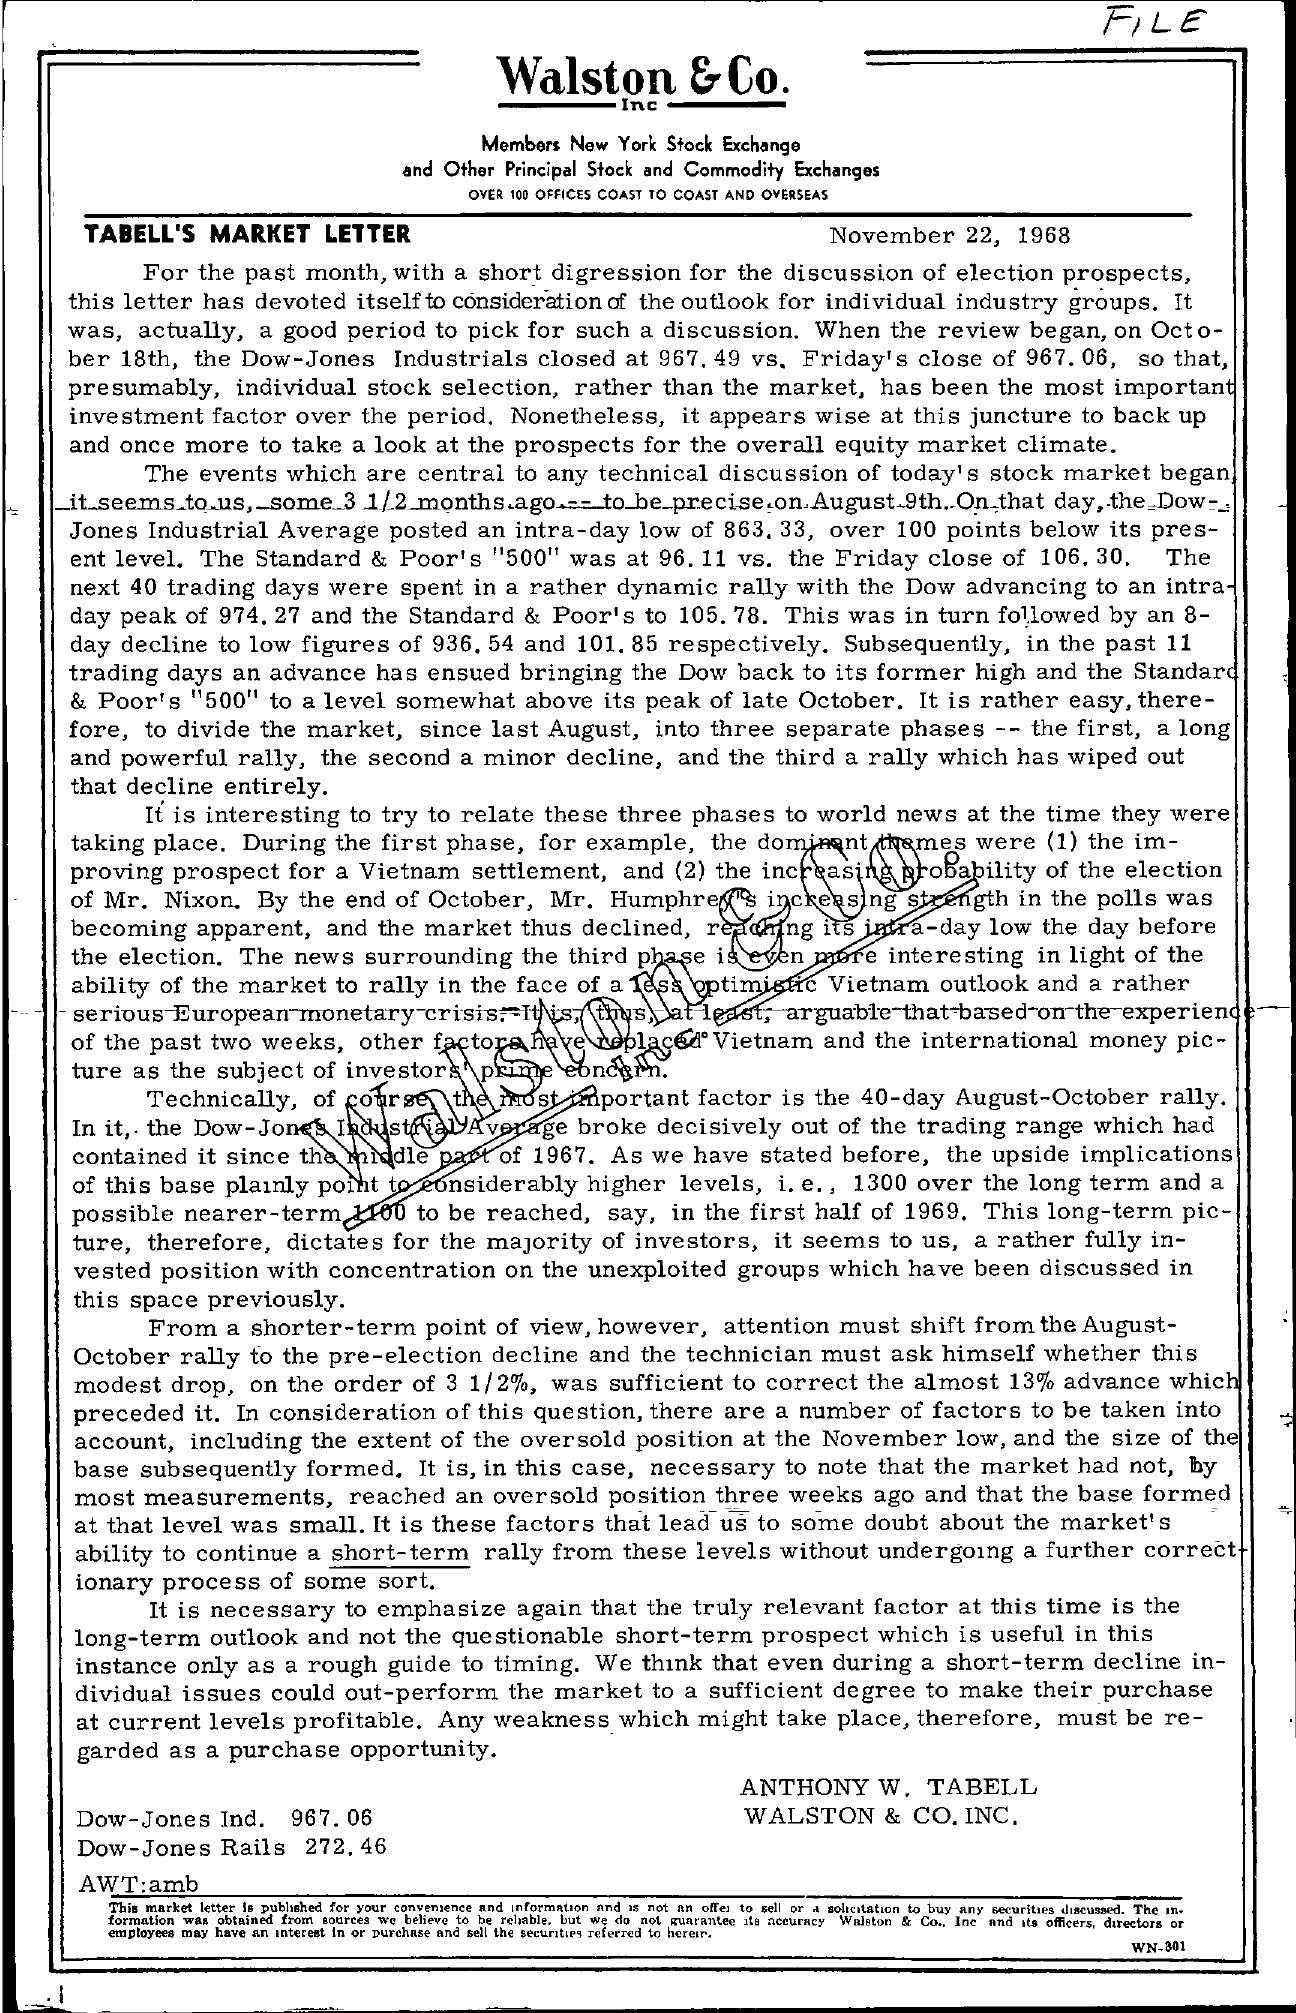 Tabell's Market Letter - November 22, 1968